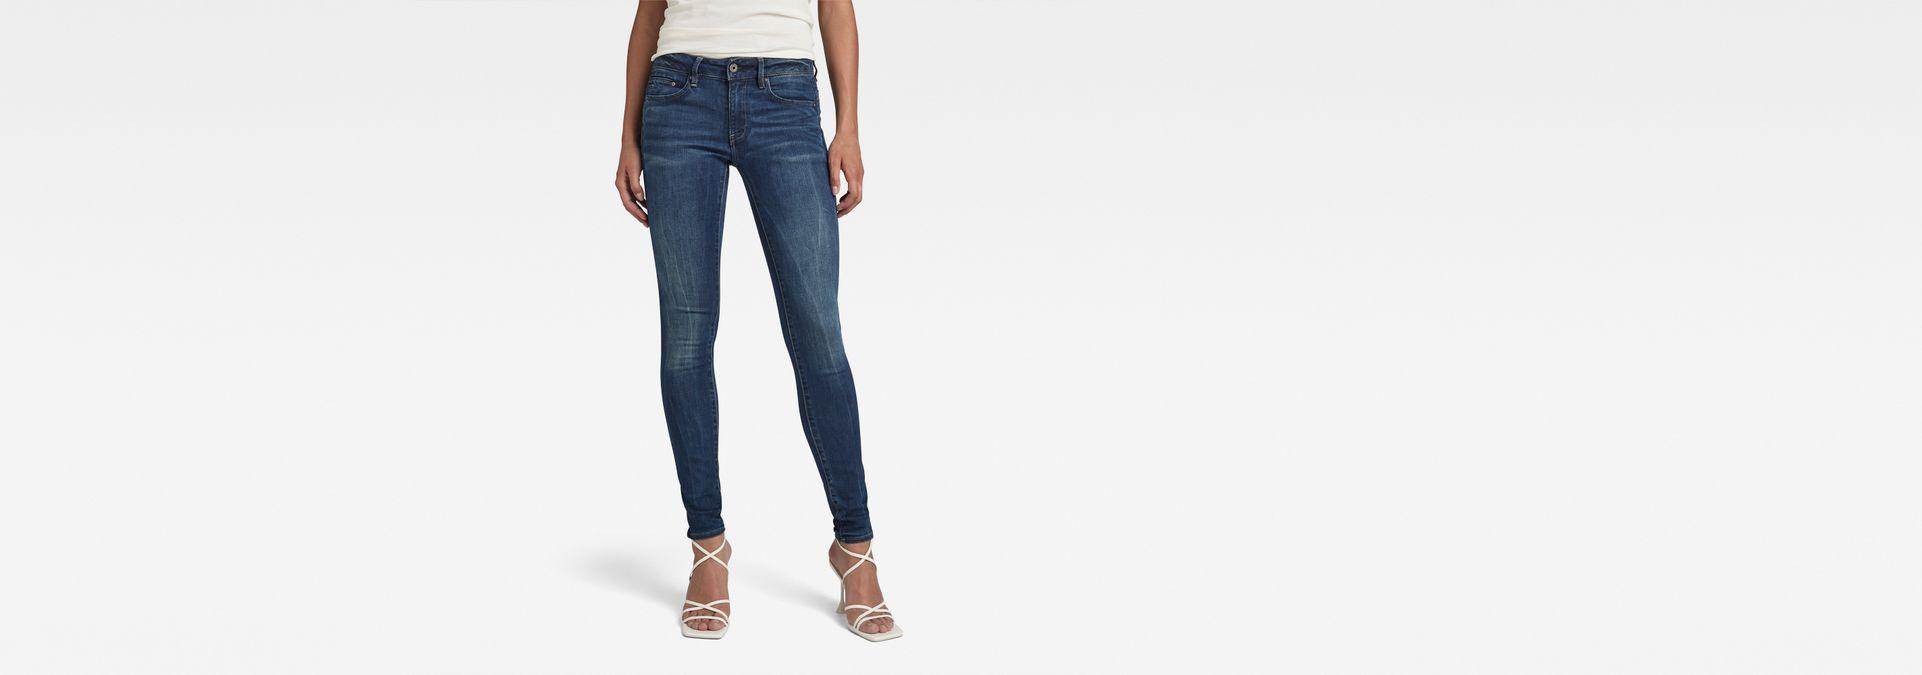 4f372c4d0efe63 G-Star RAW® Midge Zip Mid-Waist Skinny Jeans Dark blue ...